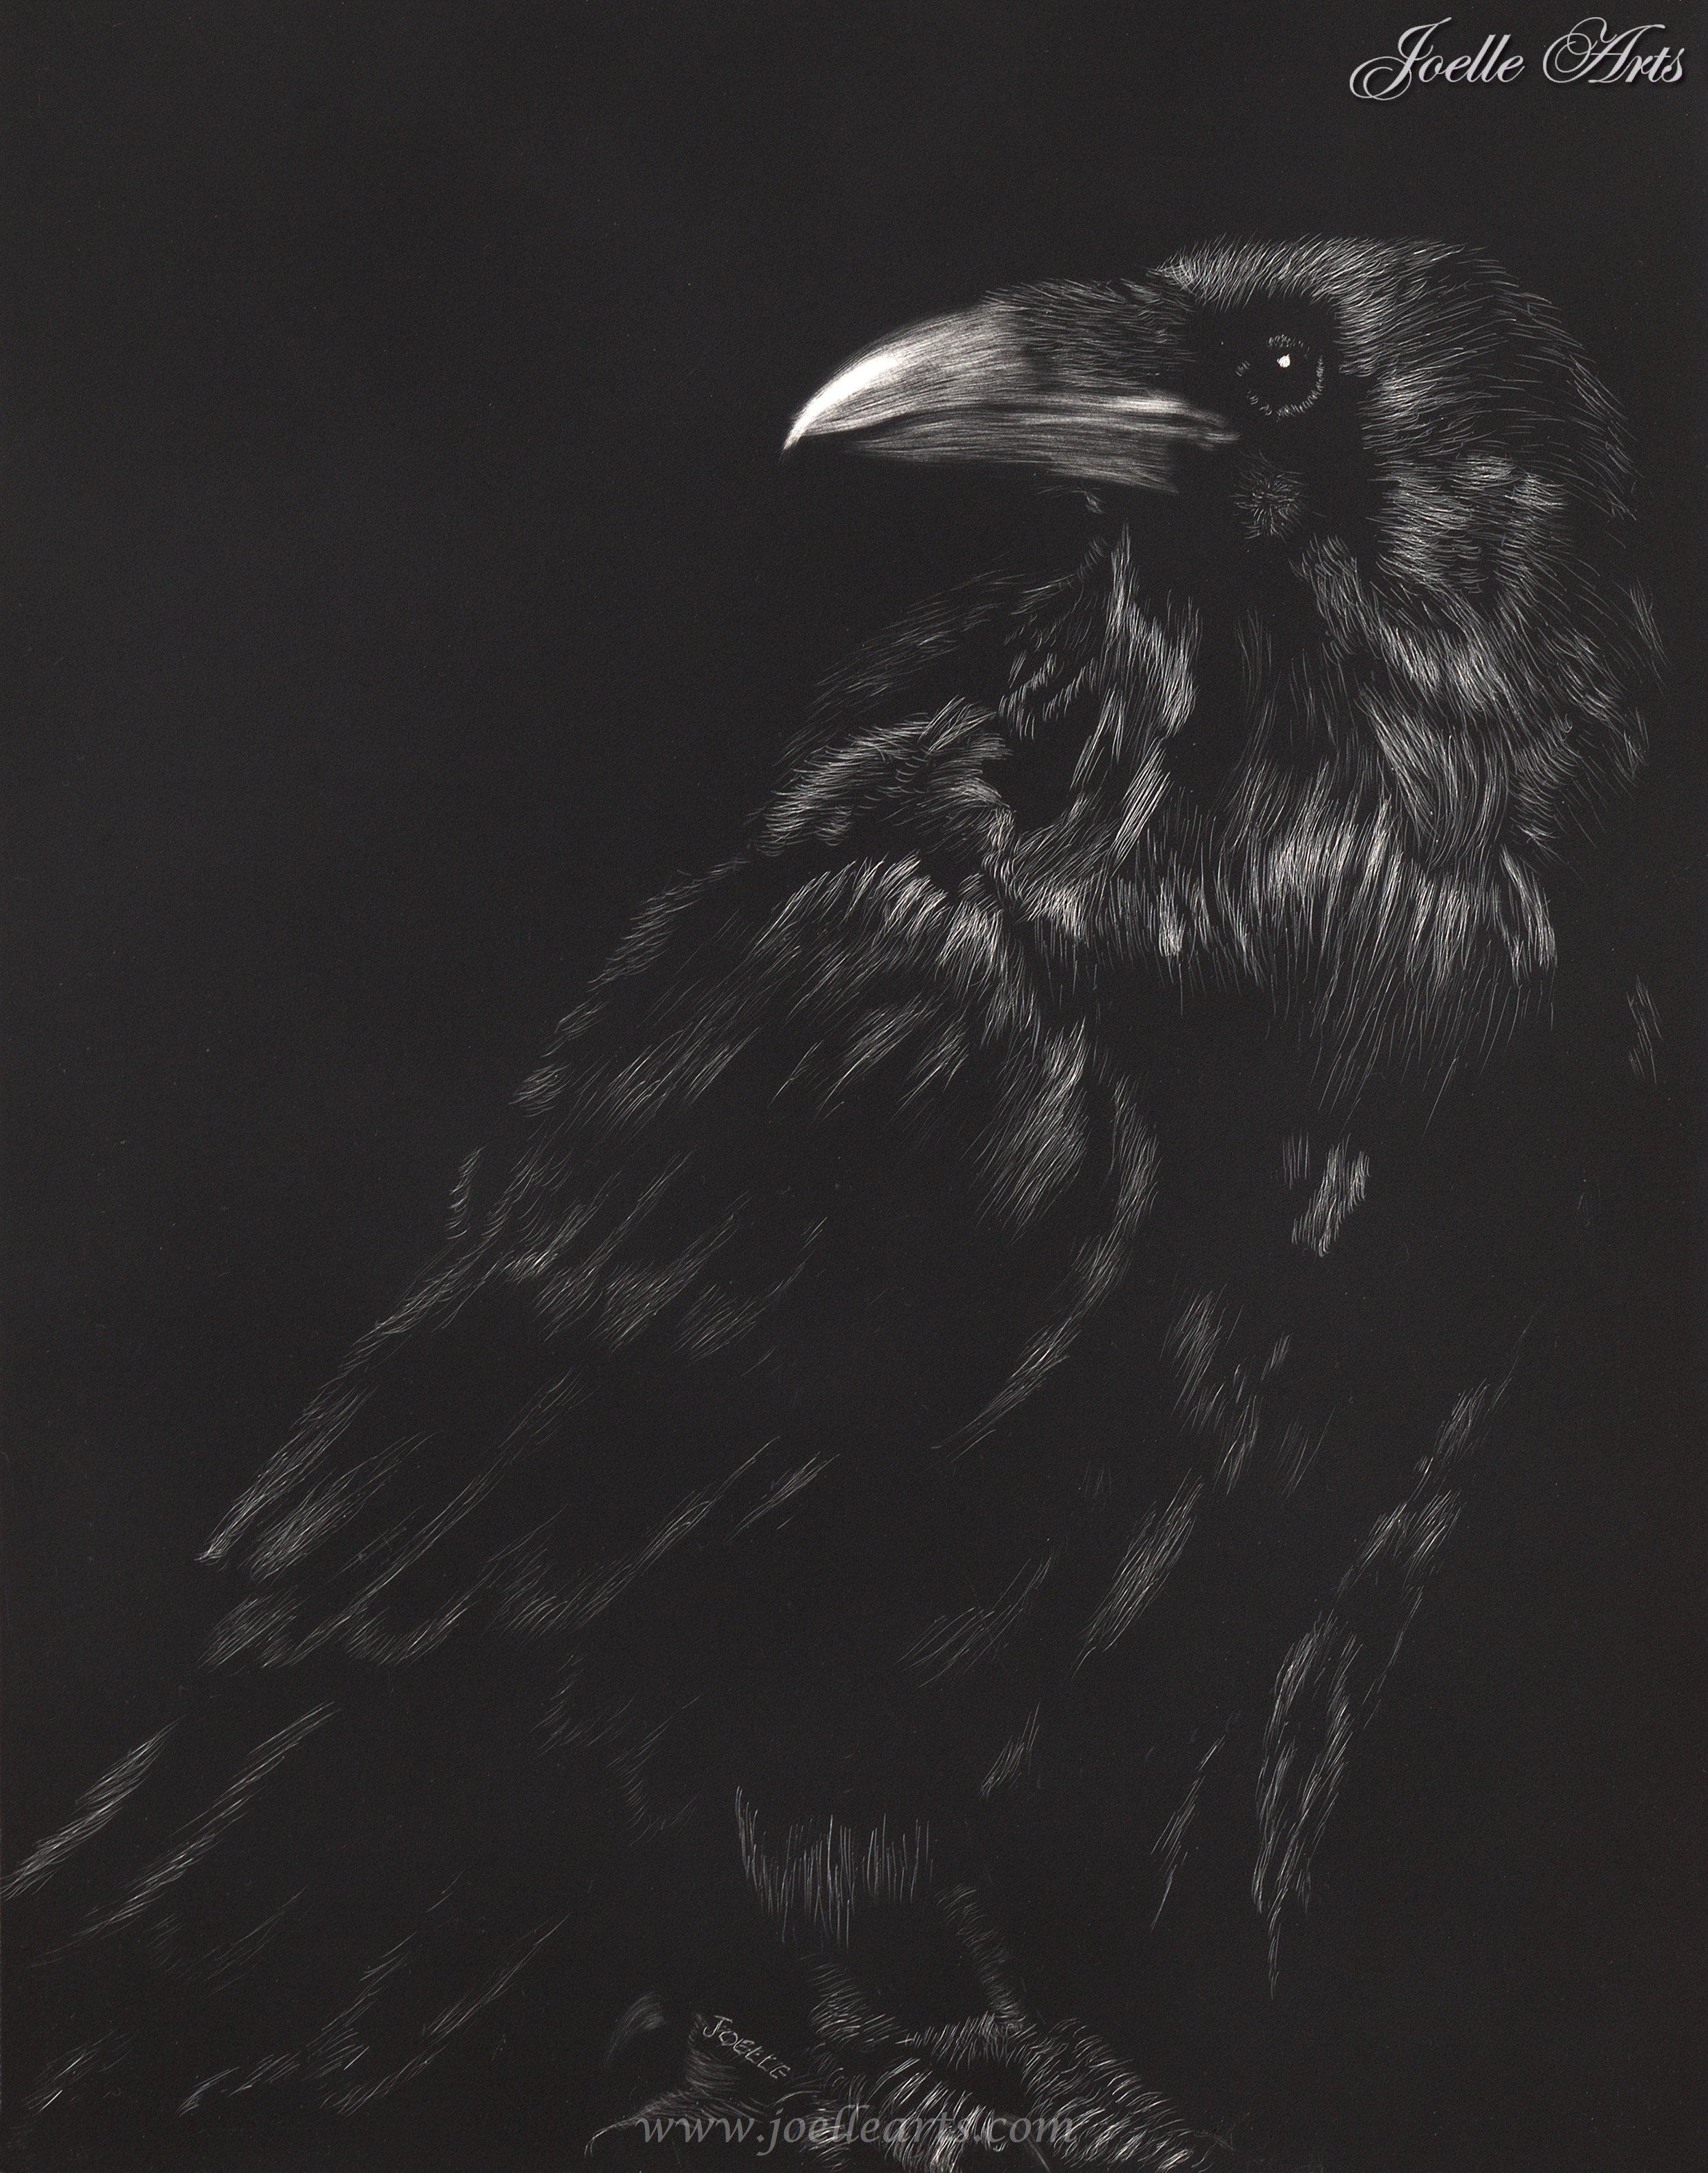 """""""Black Majesty"""" - Year: 2012Size: 11""""x 14"""""""